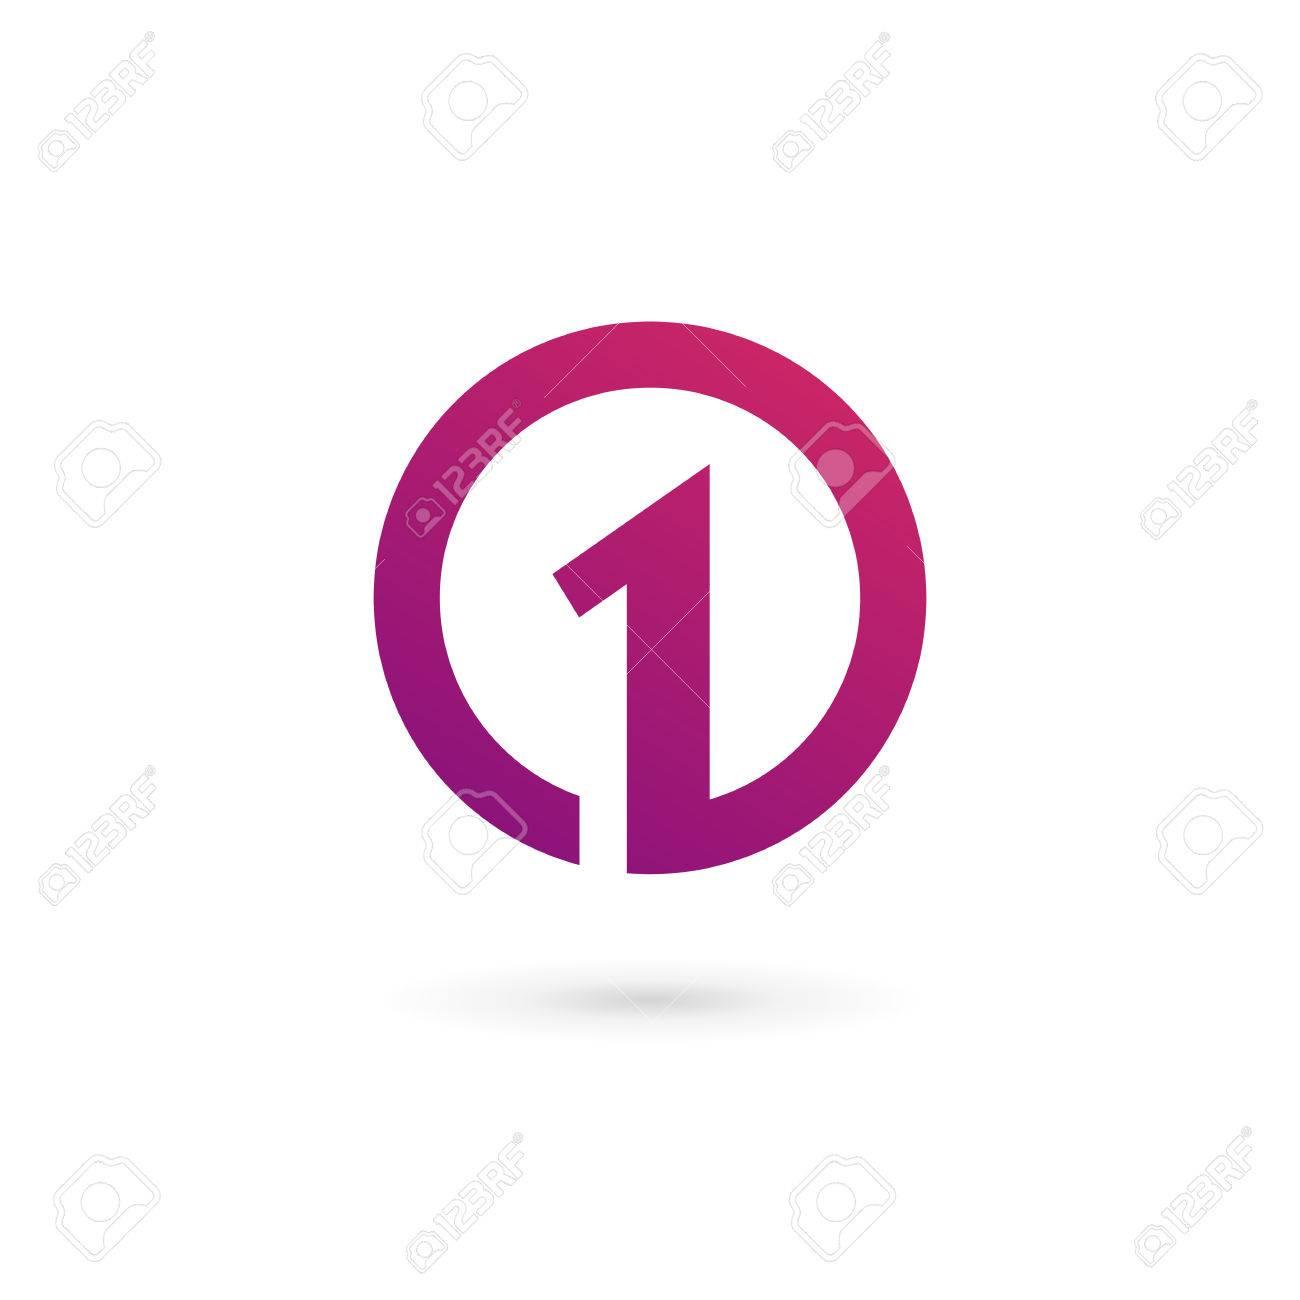 ナンバーワン 1 ロゴのアイコン デザイン テンプレート要素 ロイヤリティ